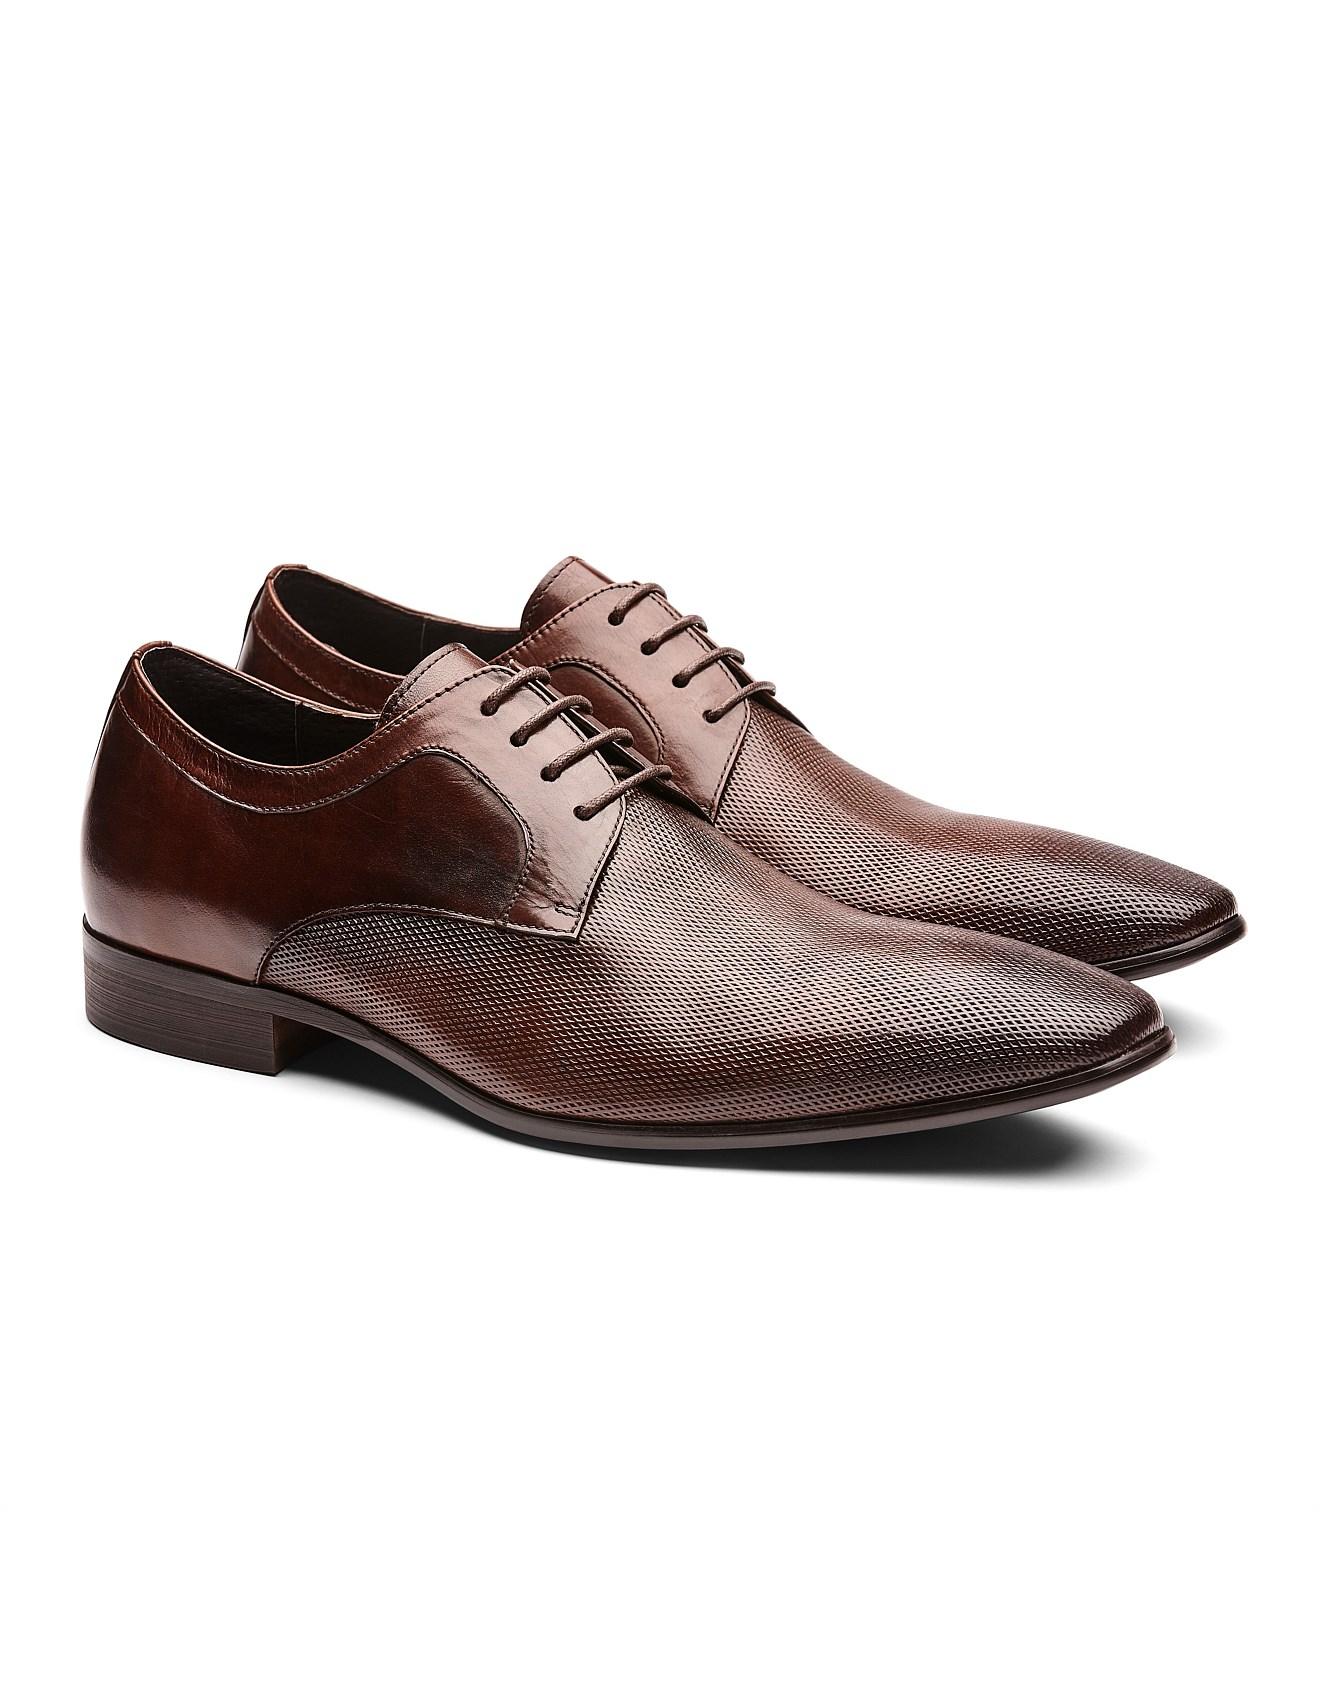 Politix Shoes Review